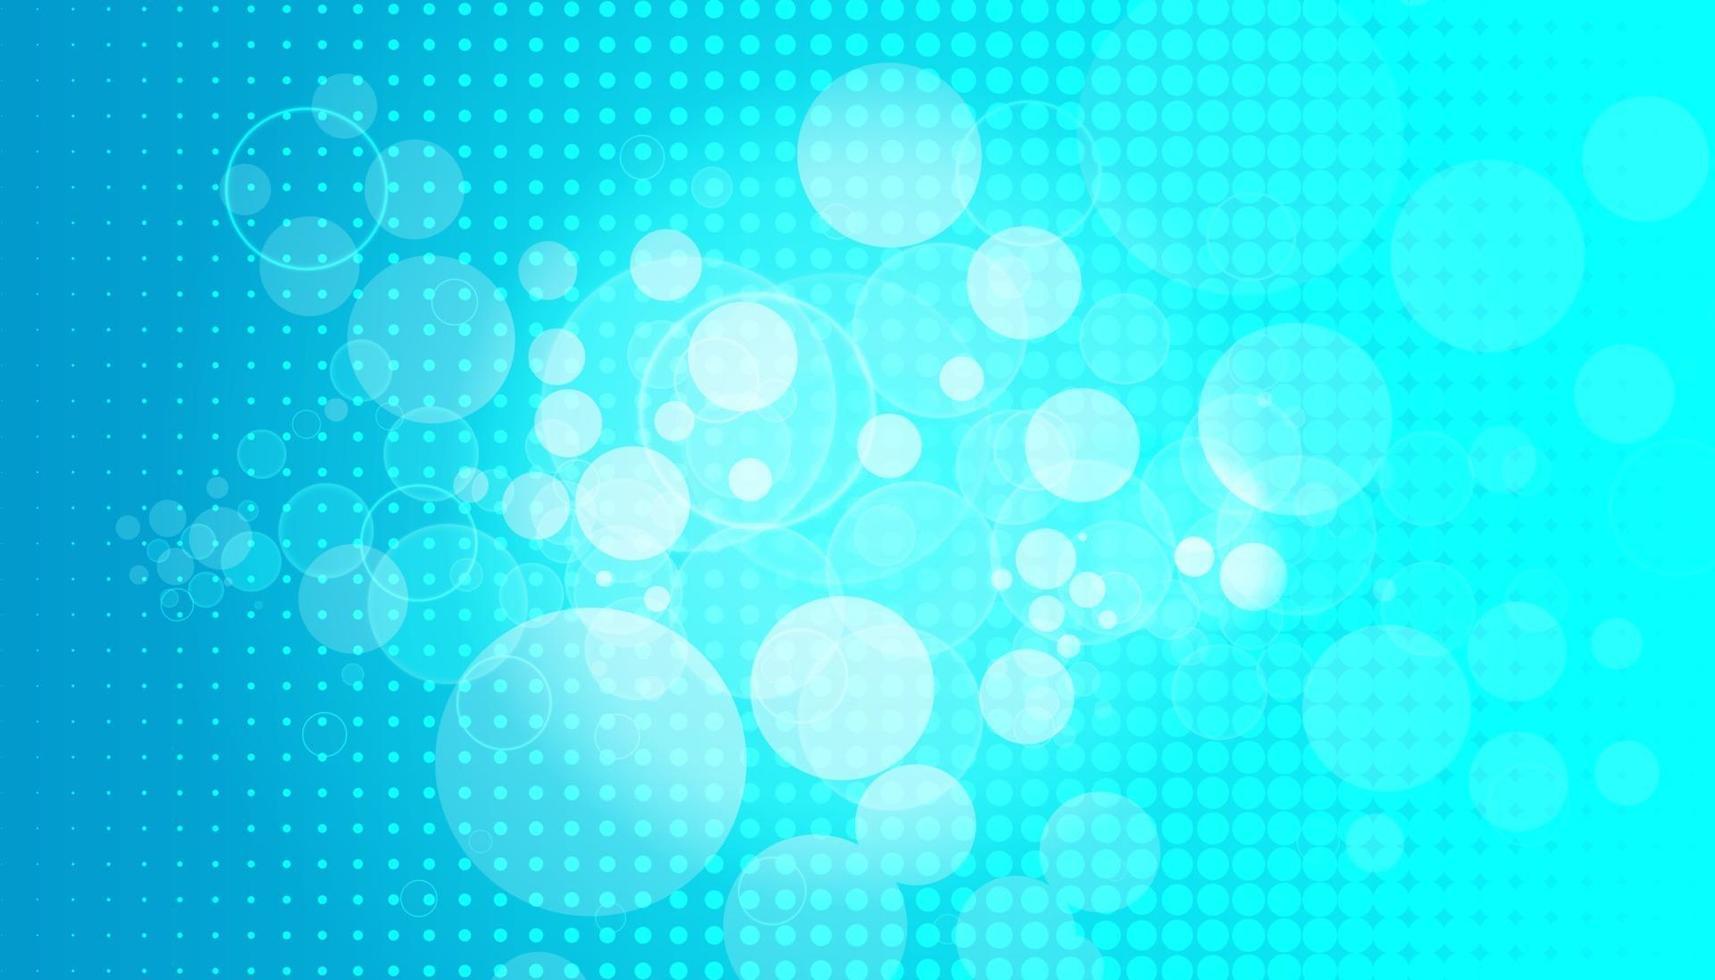 blå sanny strålar bakgrund. gnistrande magiska dammpartiklar. vektor illustration.